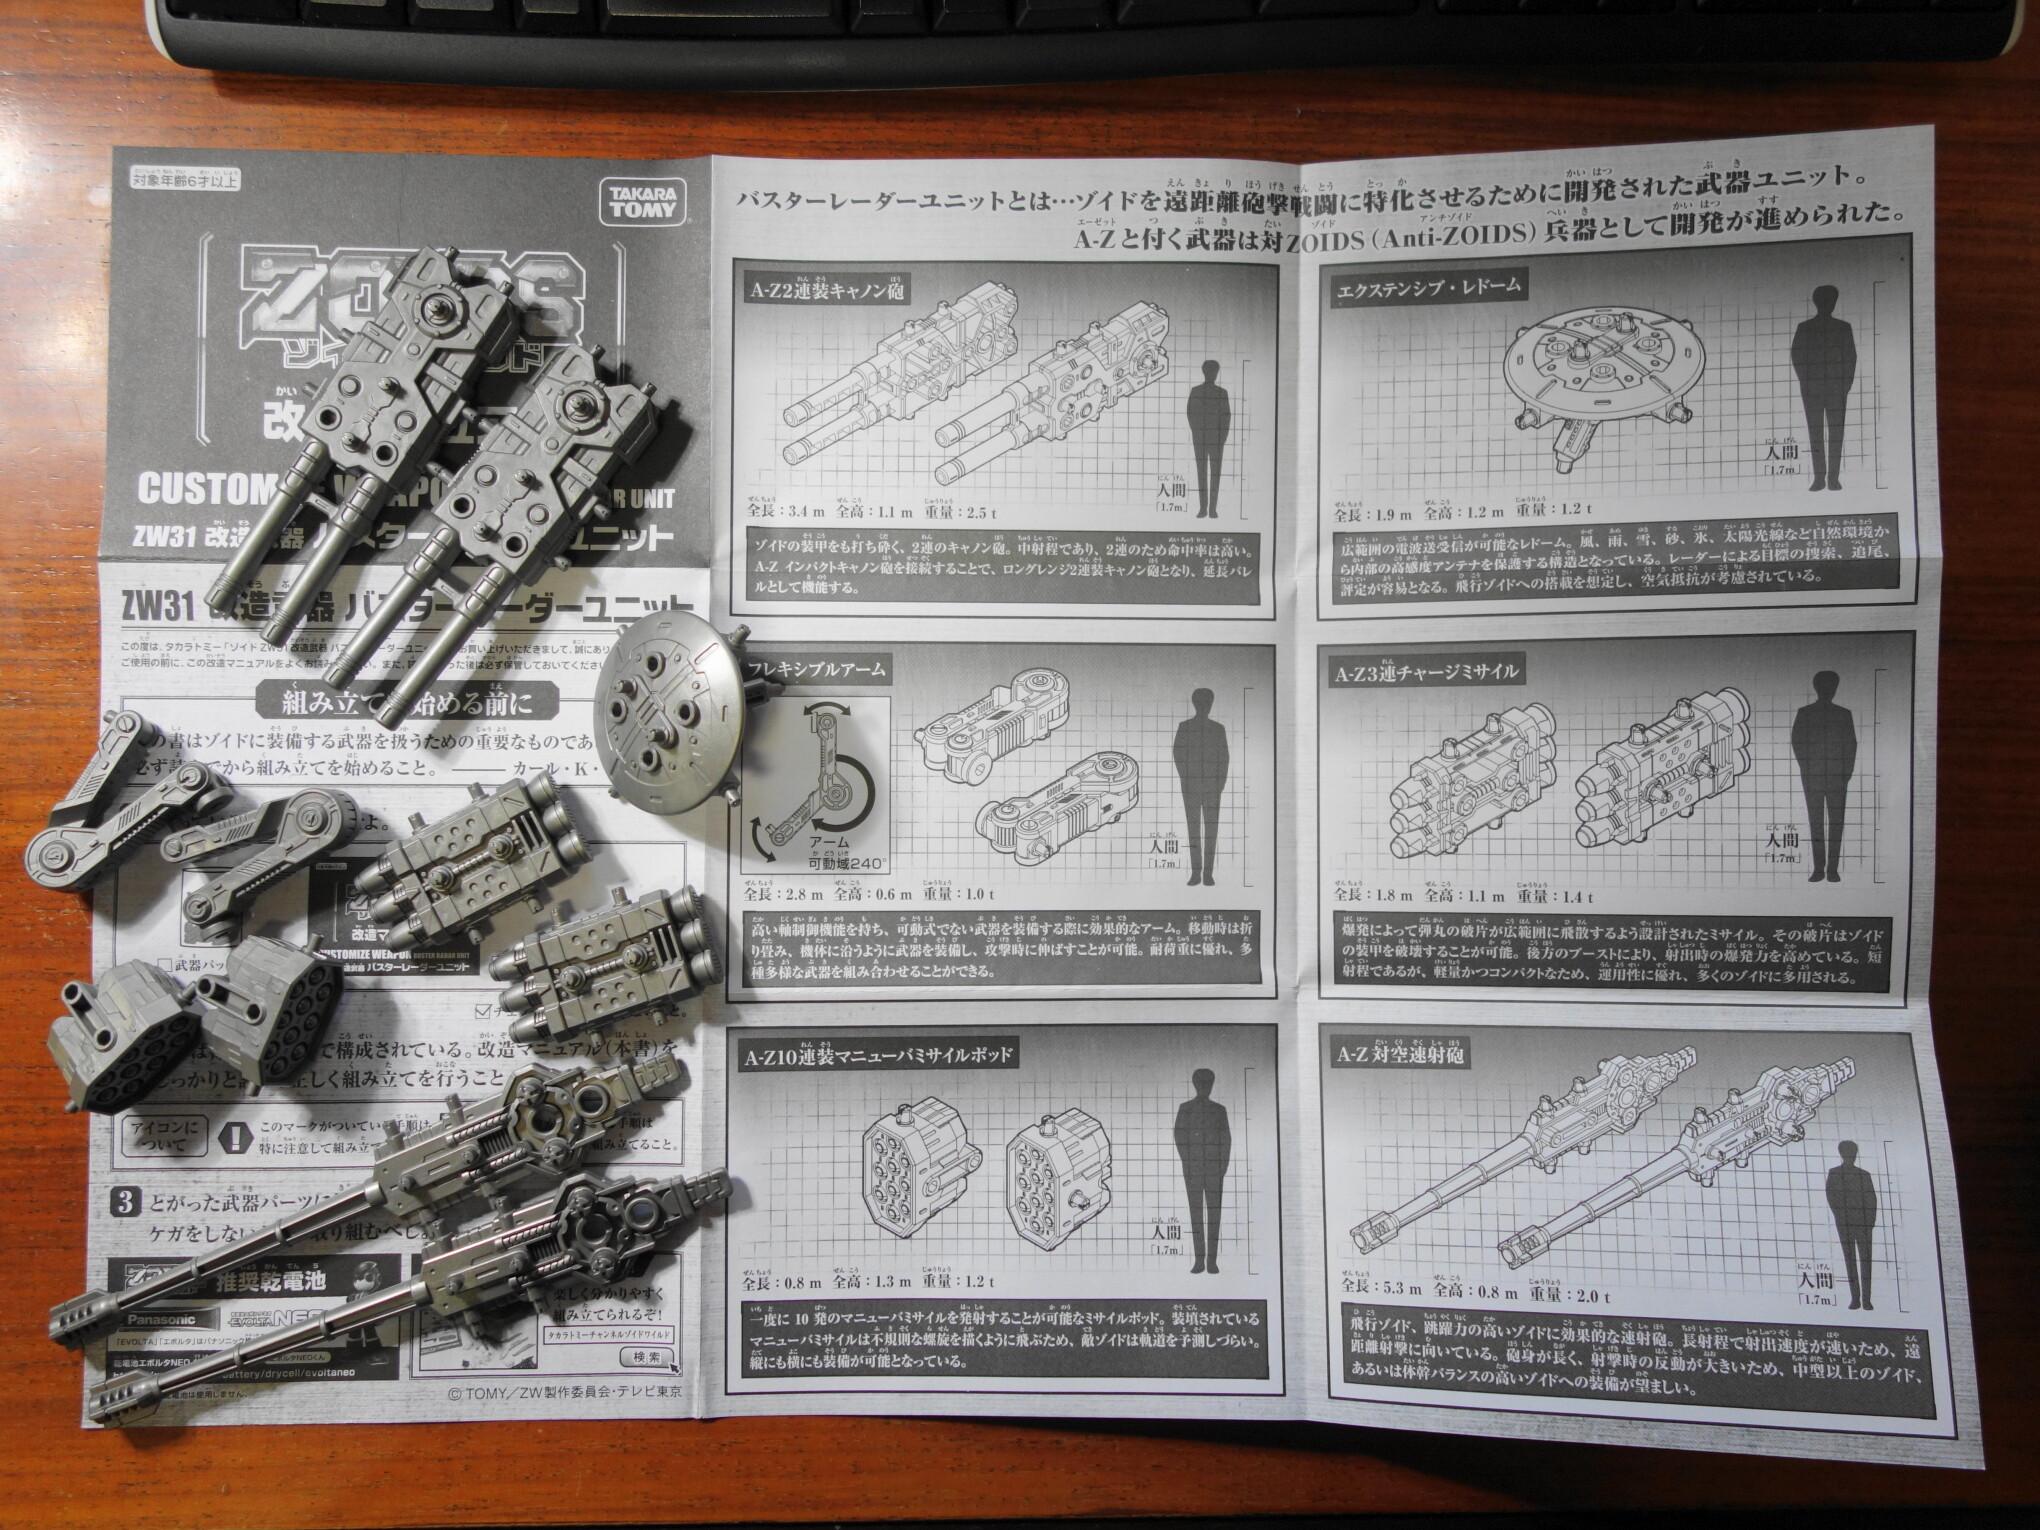 バスターレーダーユニットの武装紹介